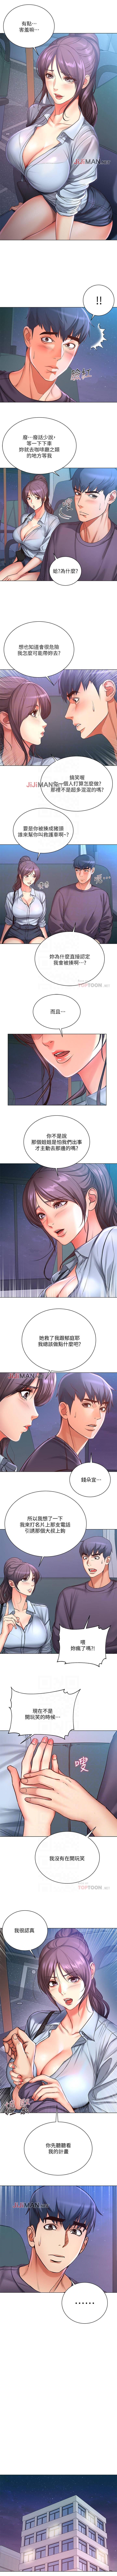 【周三连载】超市的漂亮姐姐(作者:北鼻&逃兵) 第1~40话 232